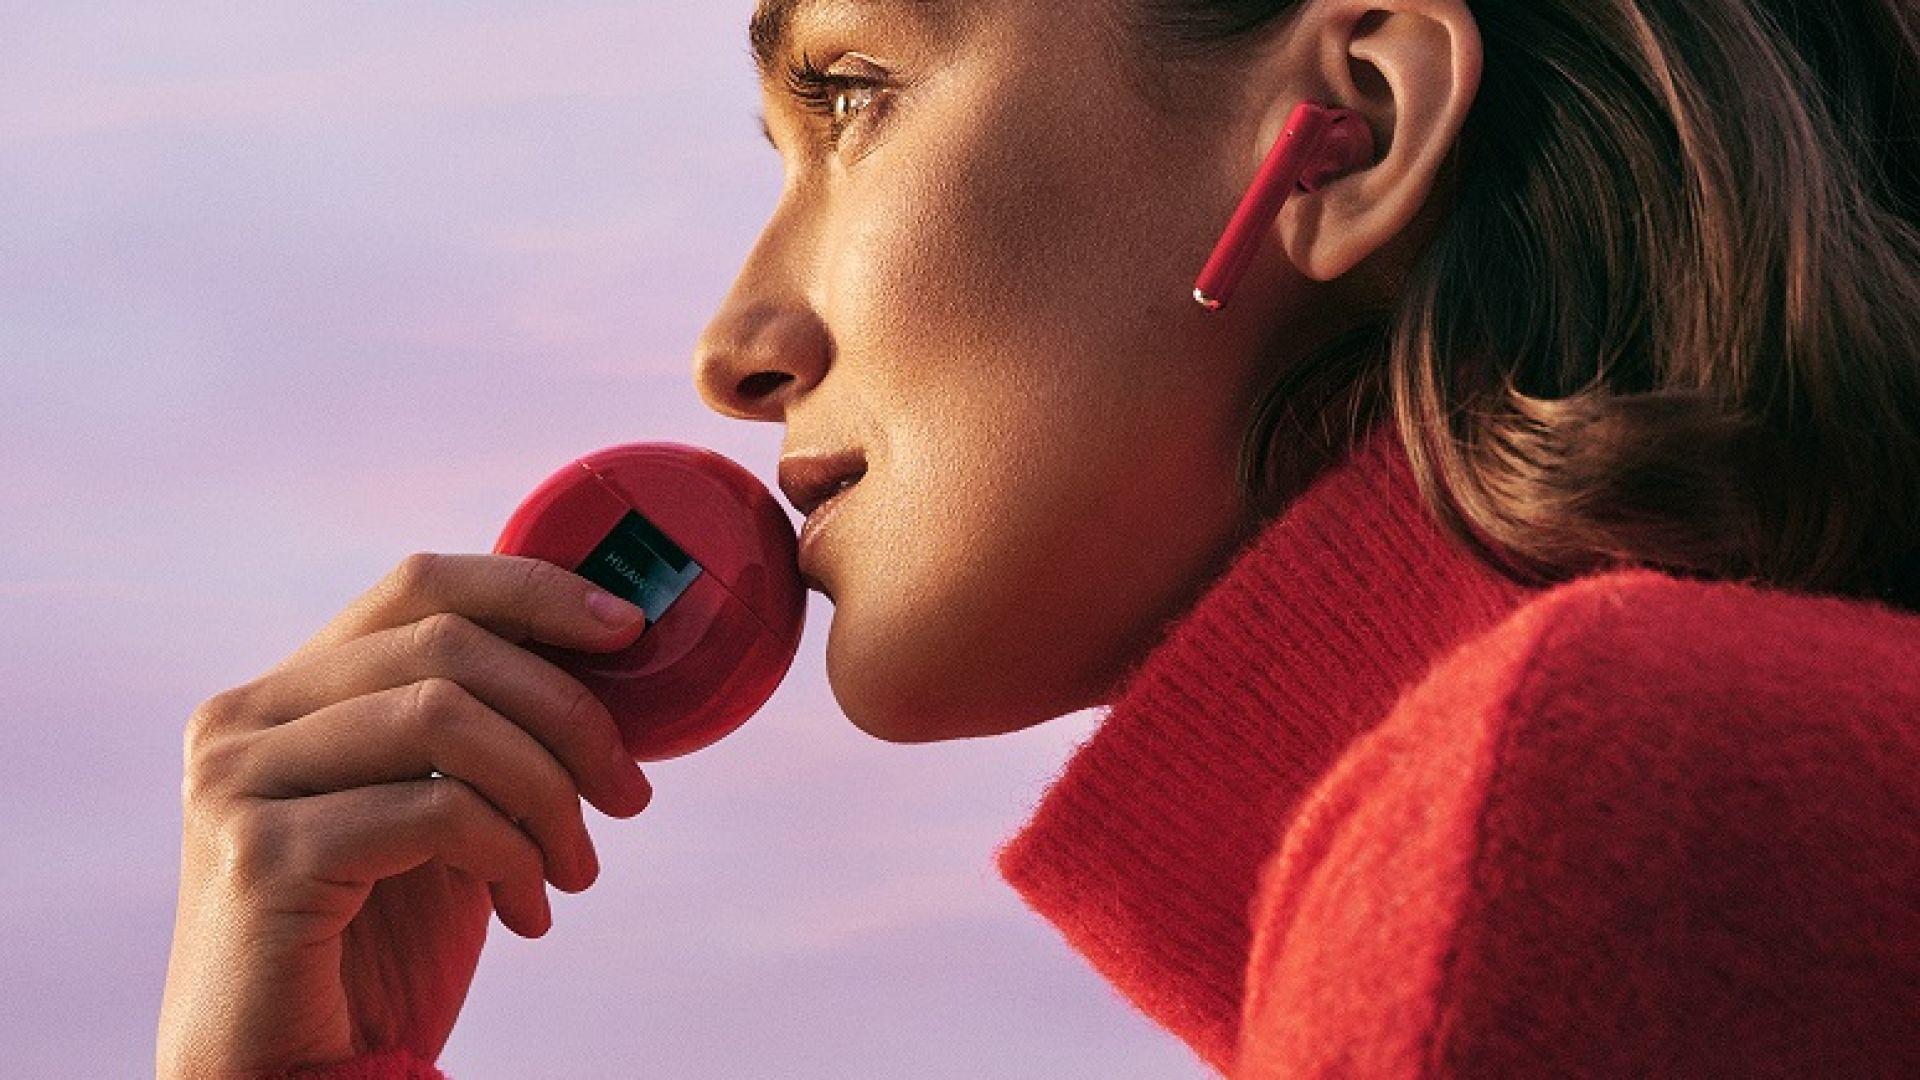 Ако искате да изпъквате - заложете на червените Huawei FreeBuds 3